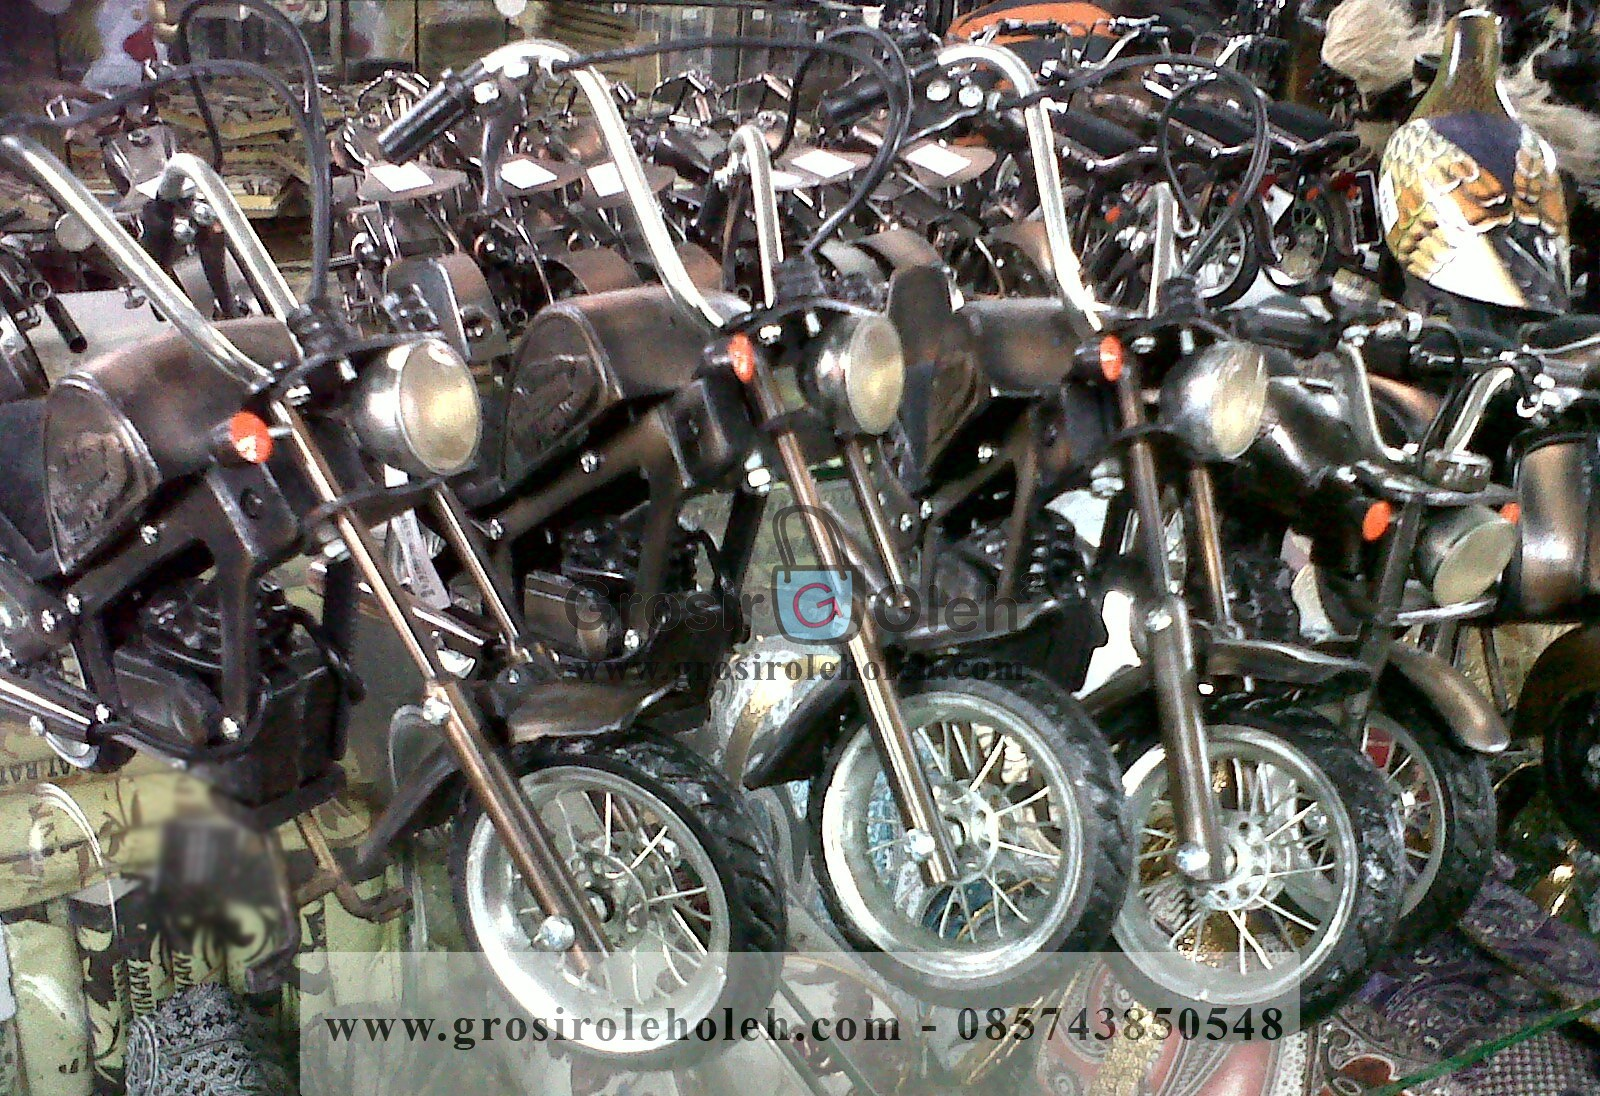 Miniatur Motor Harley Davidson Mirip dan Unik dari Logam ...